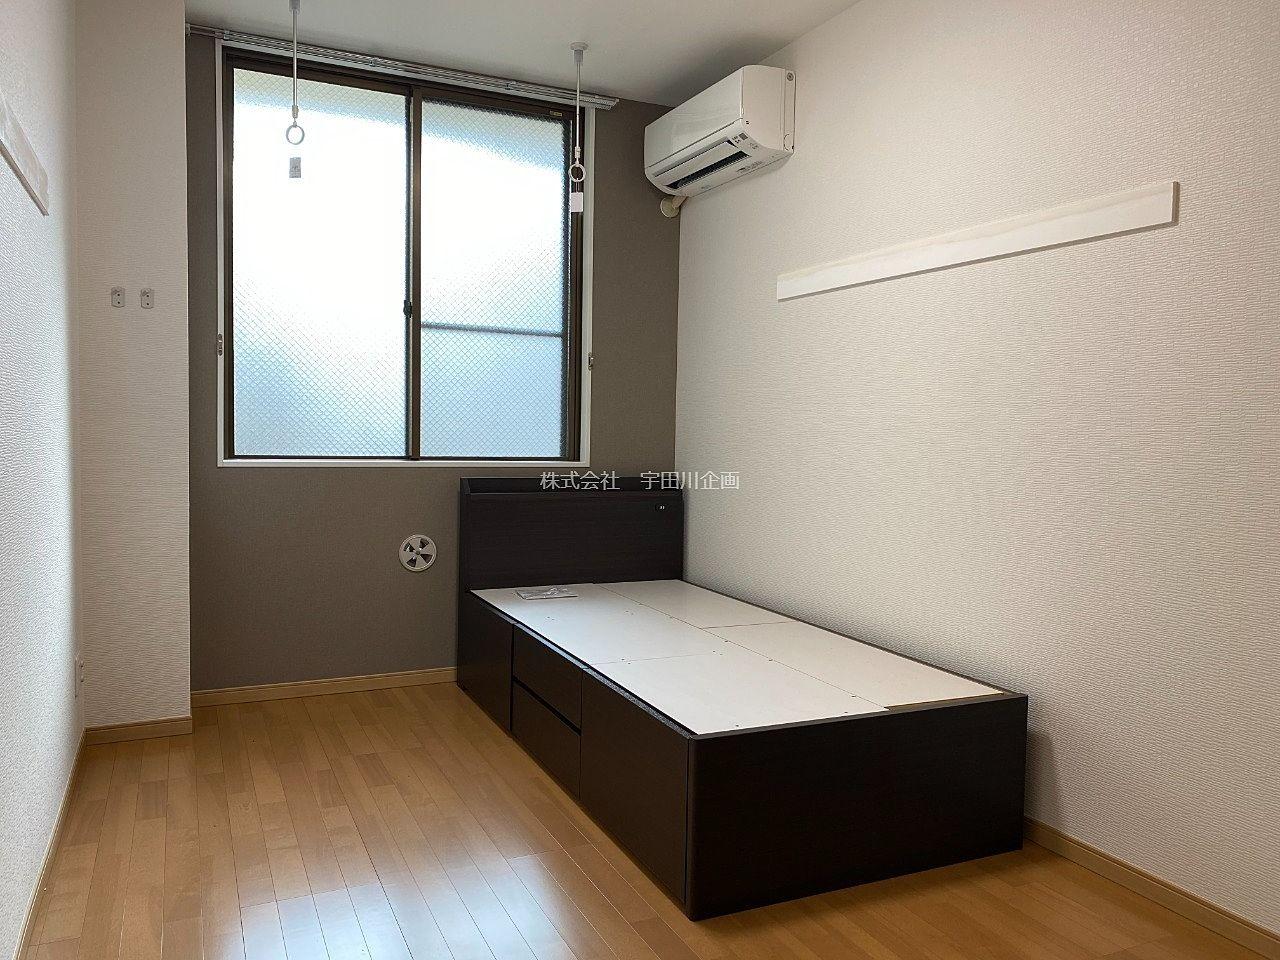 【フルリフォームされたワンルーム】ジェントリーム108号室 1R 葛西駅 ベッド付き 宅配ボックス新設